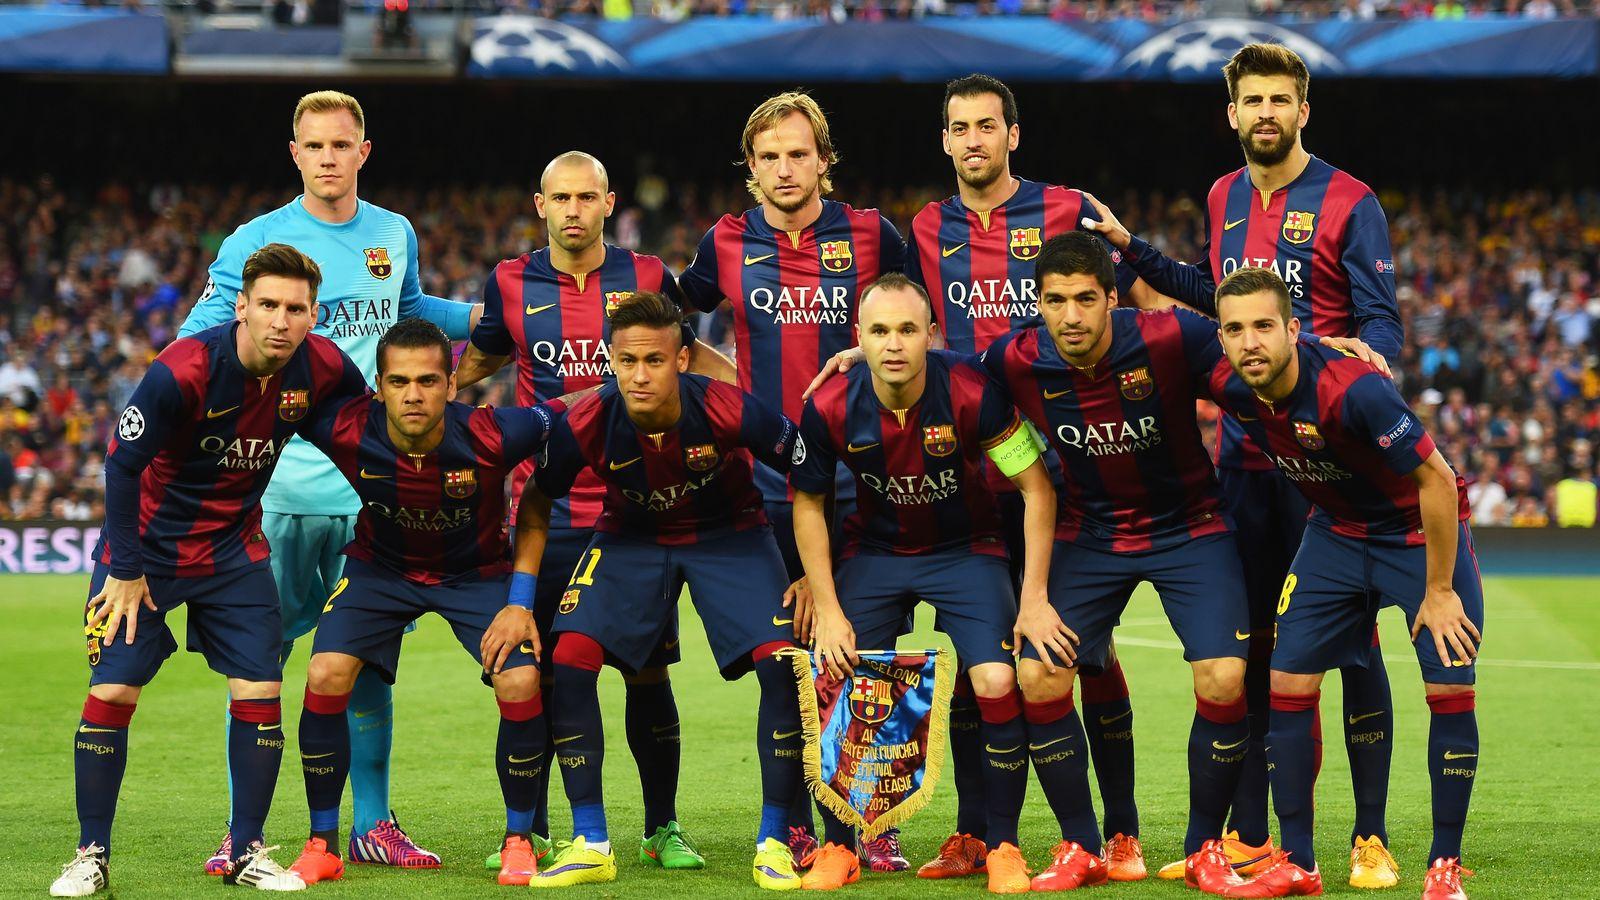 Барселона завершила сезон перемогою у фіналі Кубка Іспанії